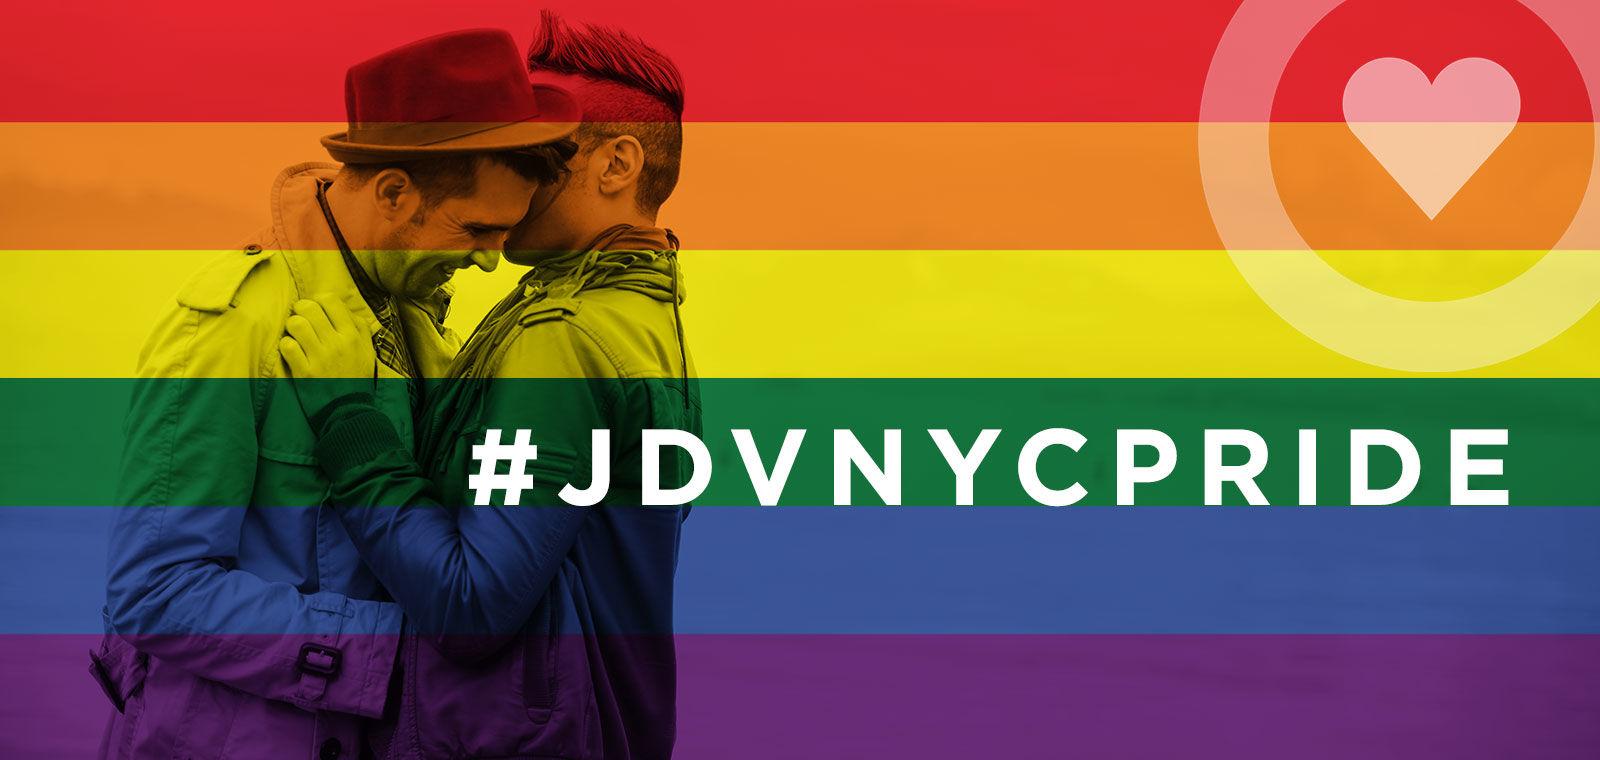 #JDVNYCPRIDE